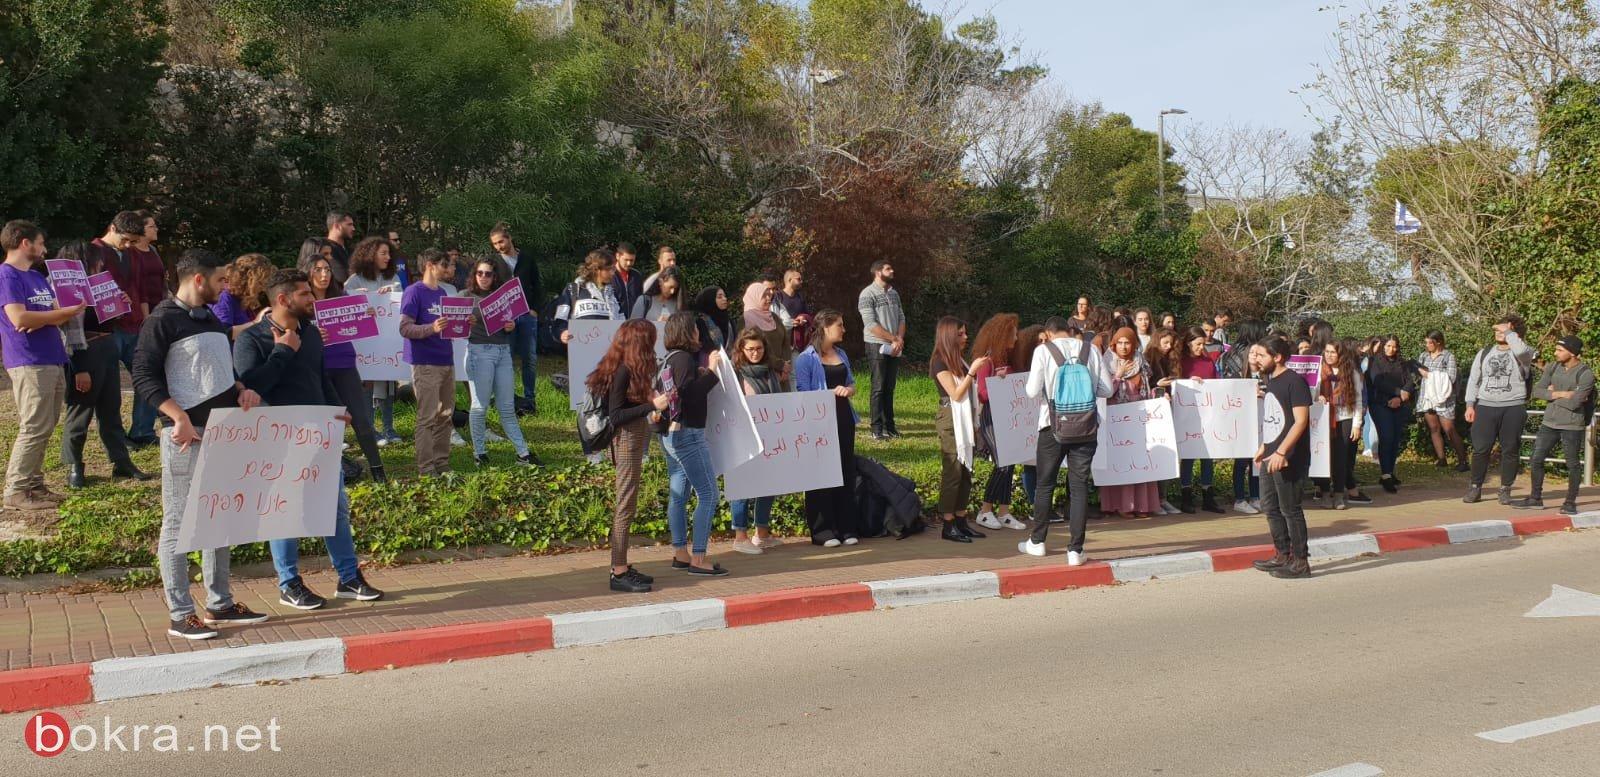 مظاهرات حاشدة في الجامعات ضد قتل النساء